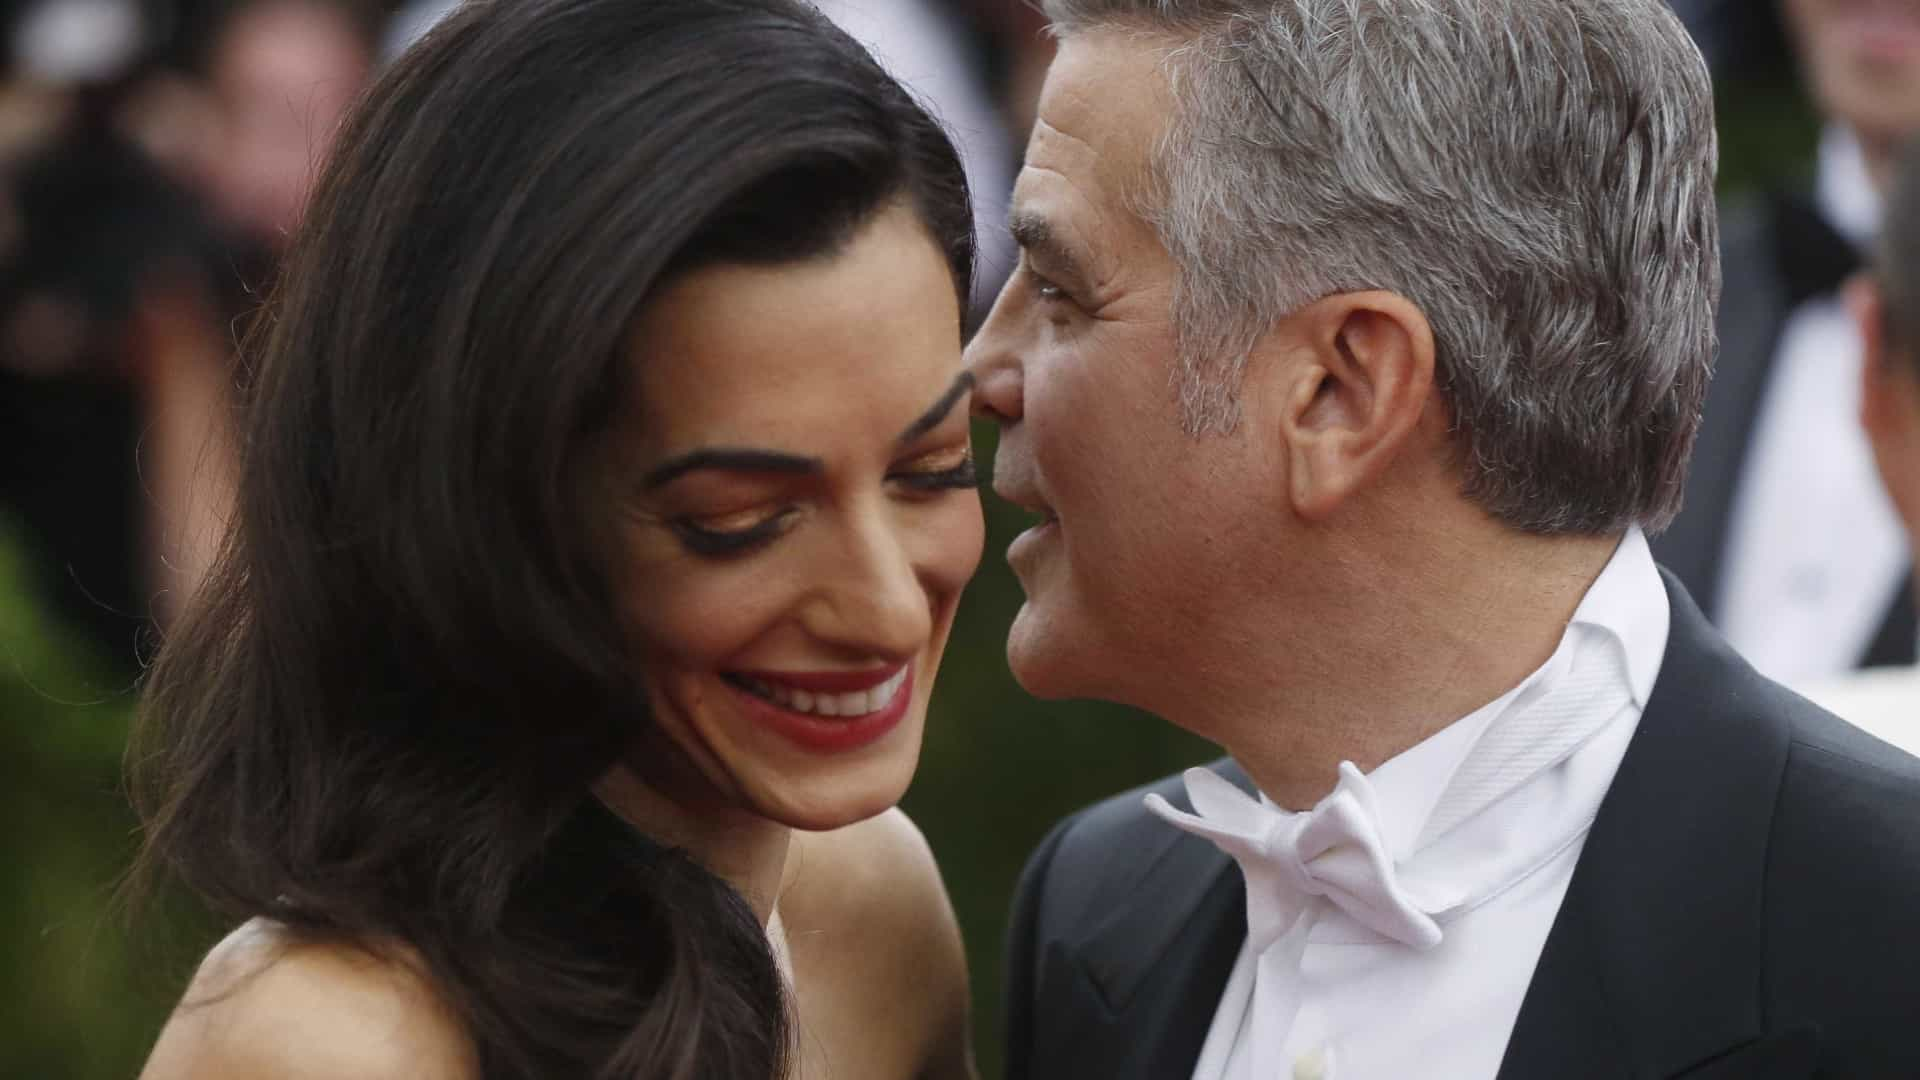 """Confirma-se, George Clooney é um """"pai maravilhoso"""""""